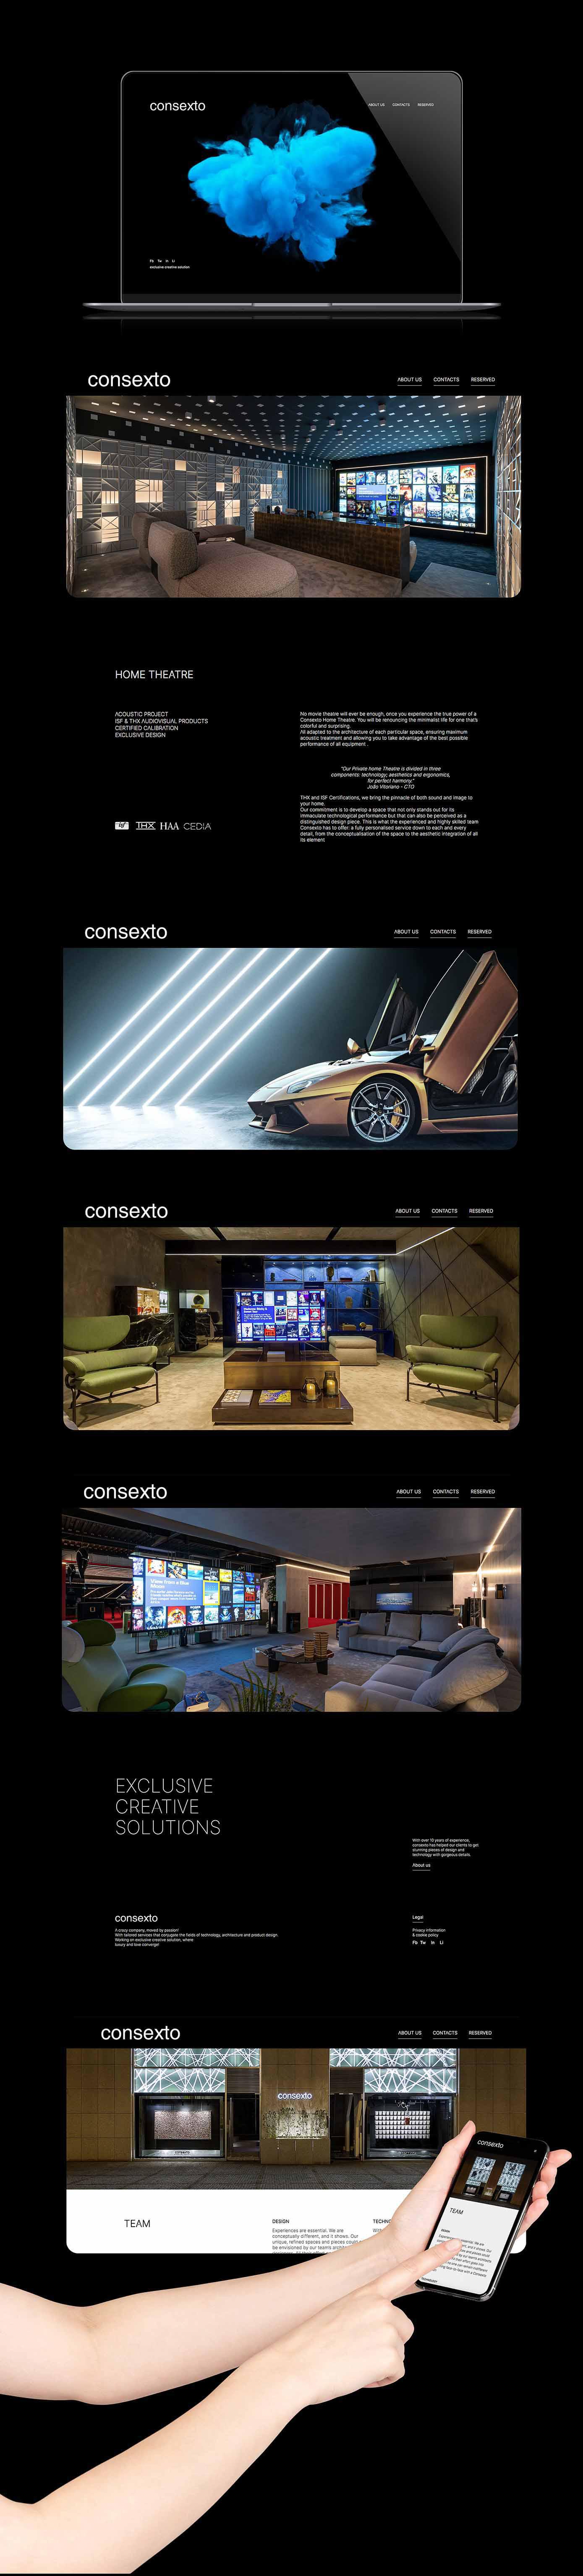 Webdesign   Consexto